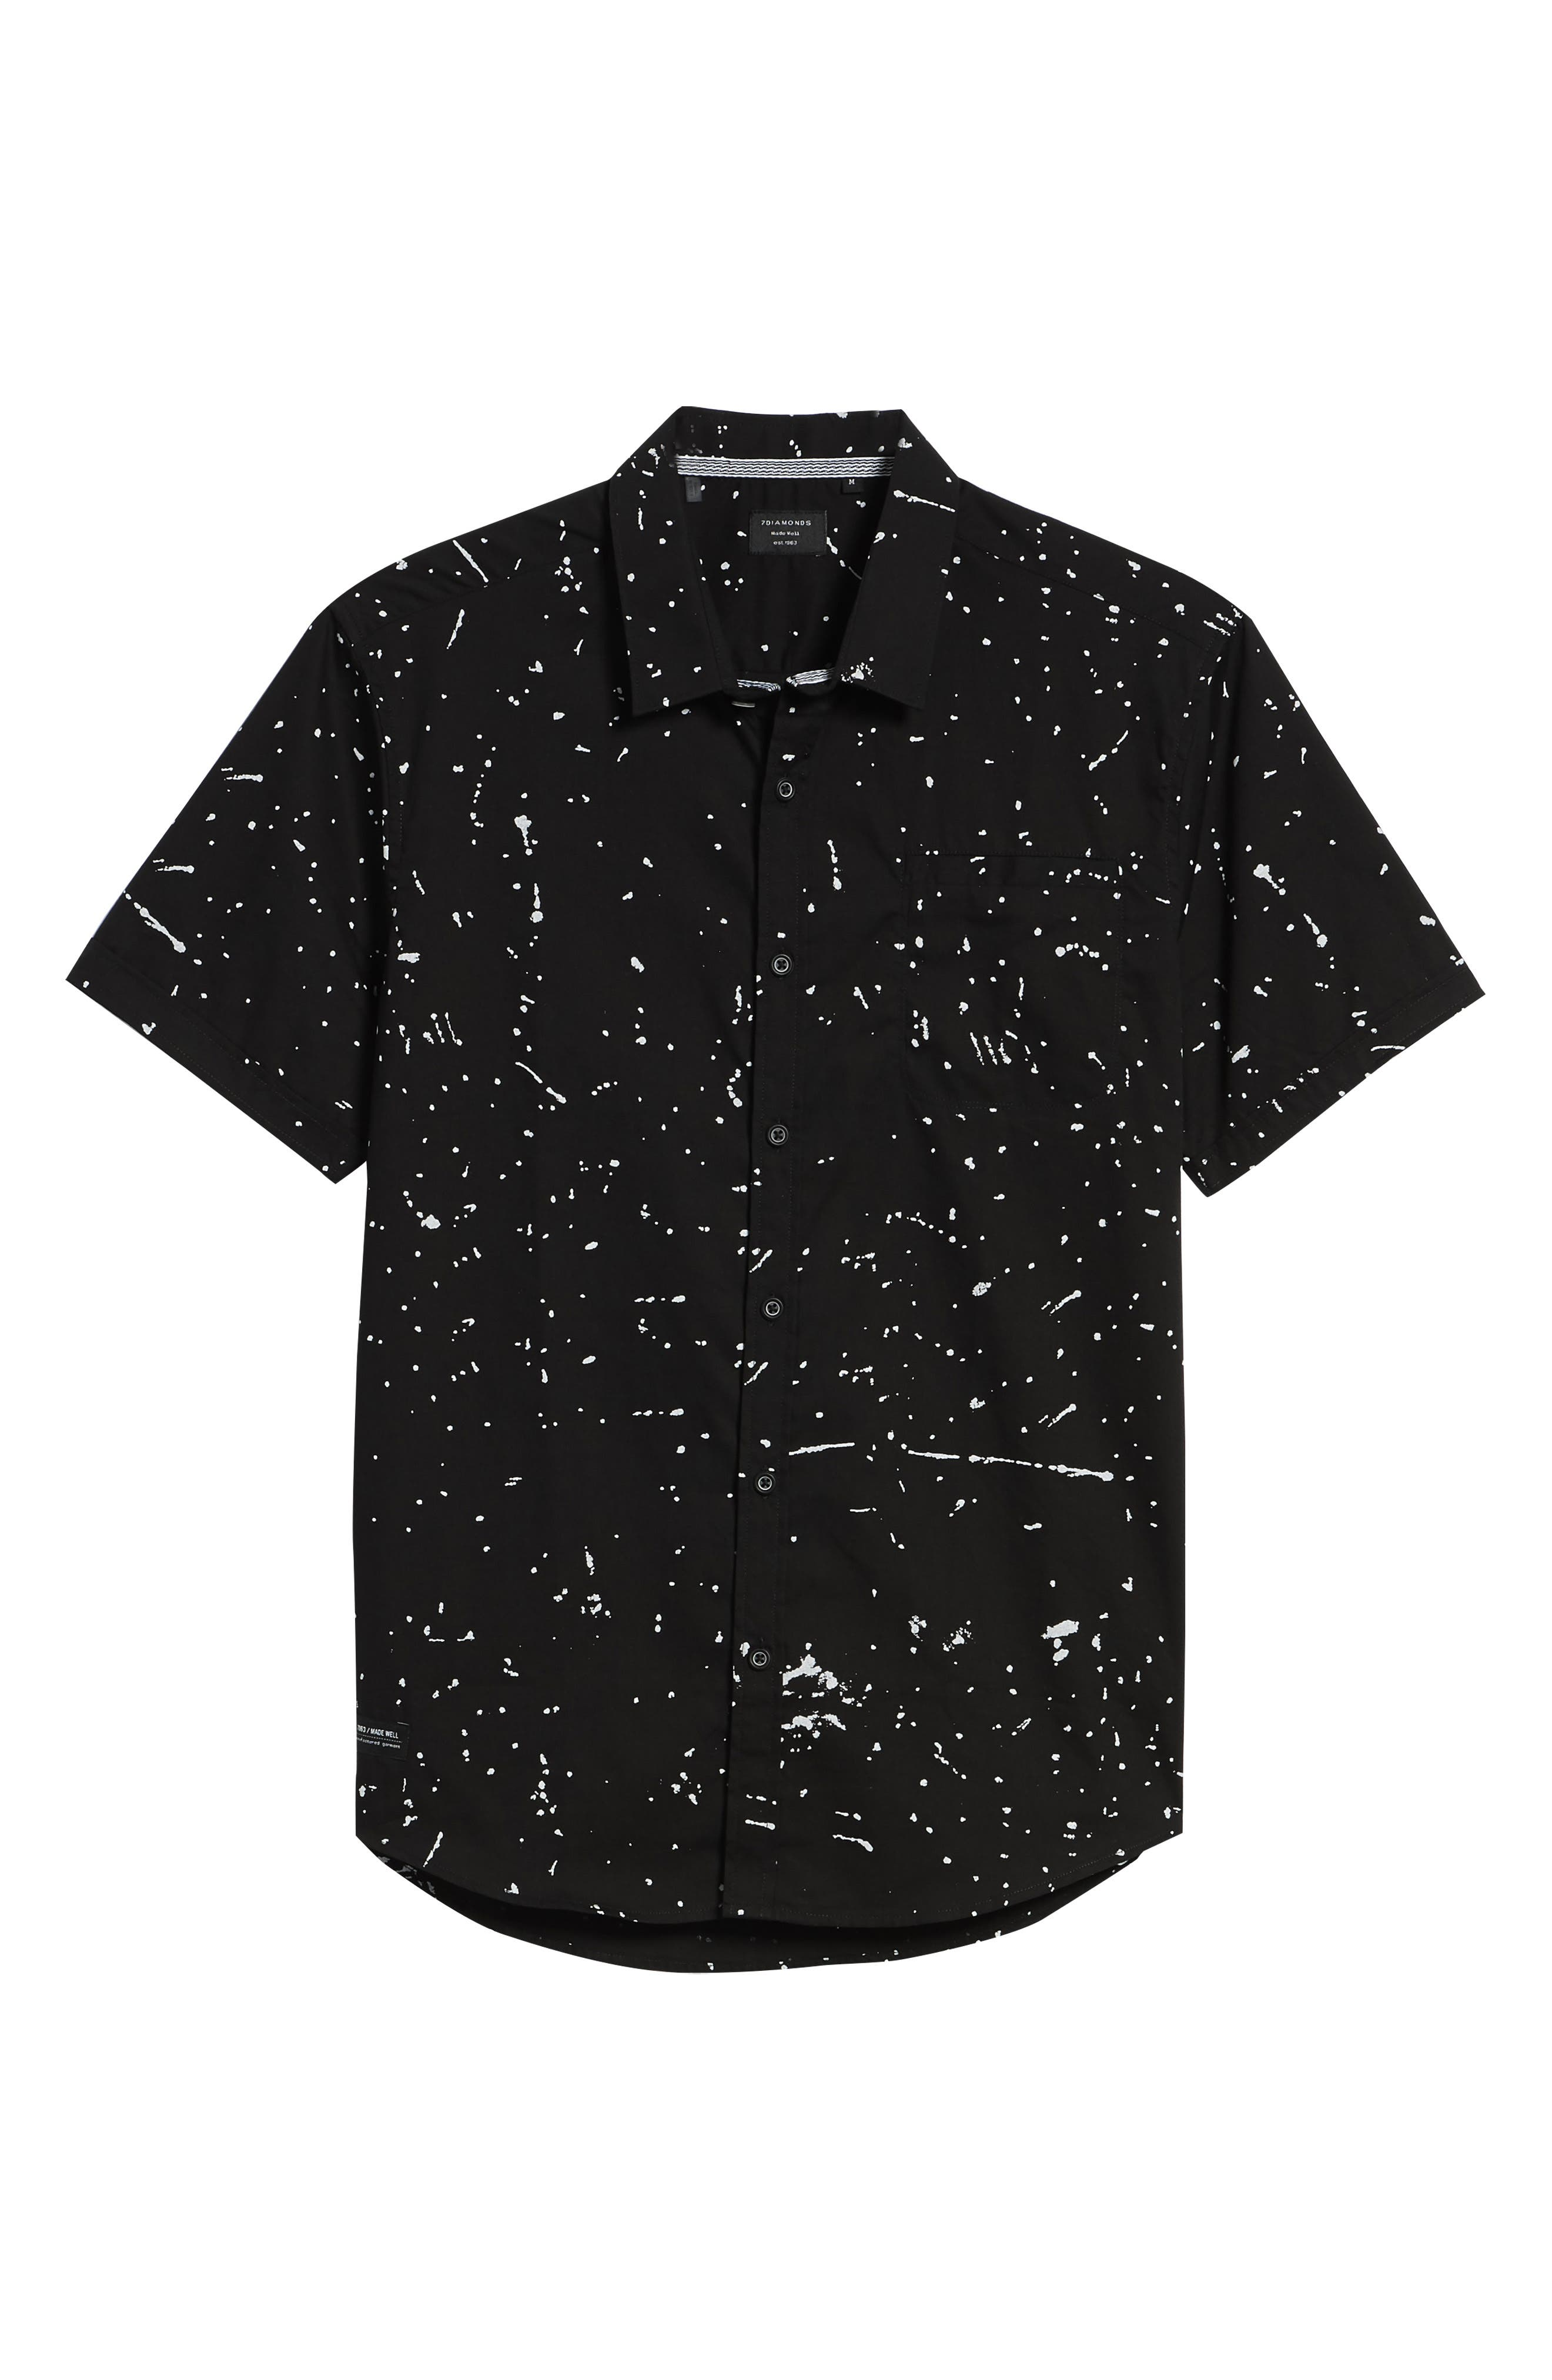 Sky Walker Splatter Sport Shirt,                             Alternate thumbnail 6, color,                             Black